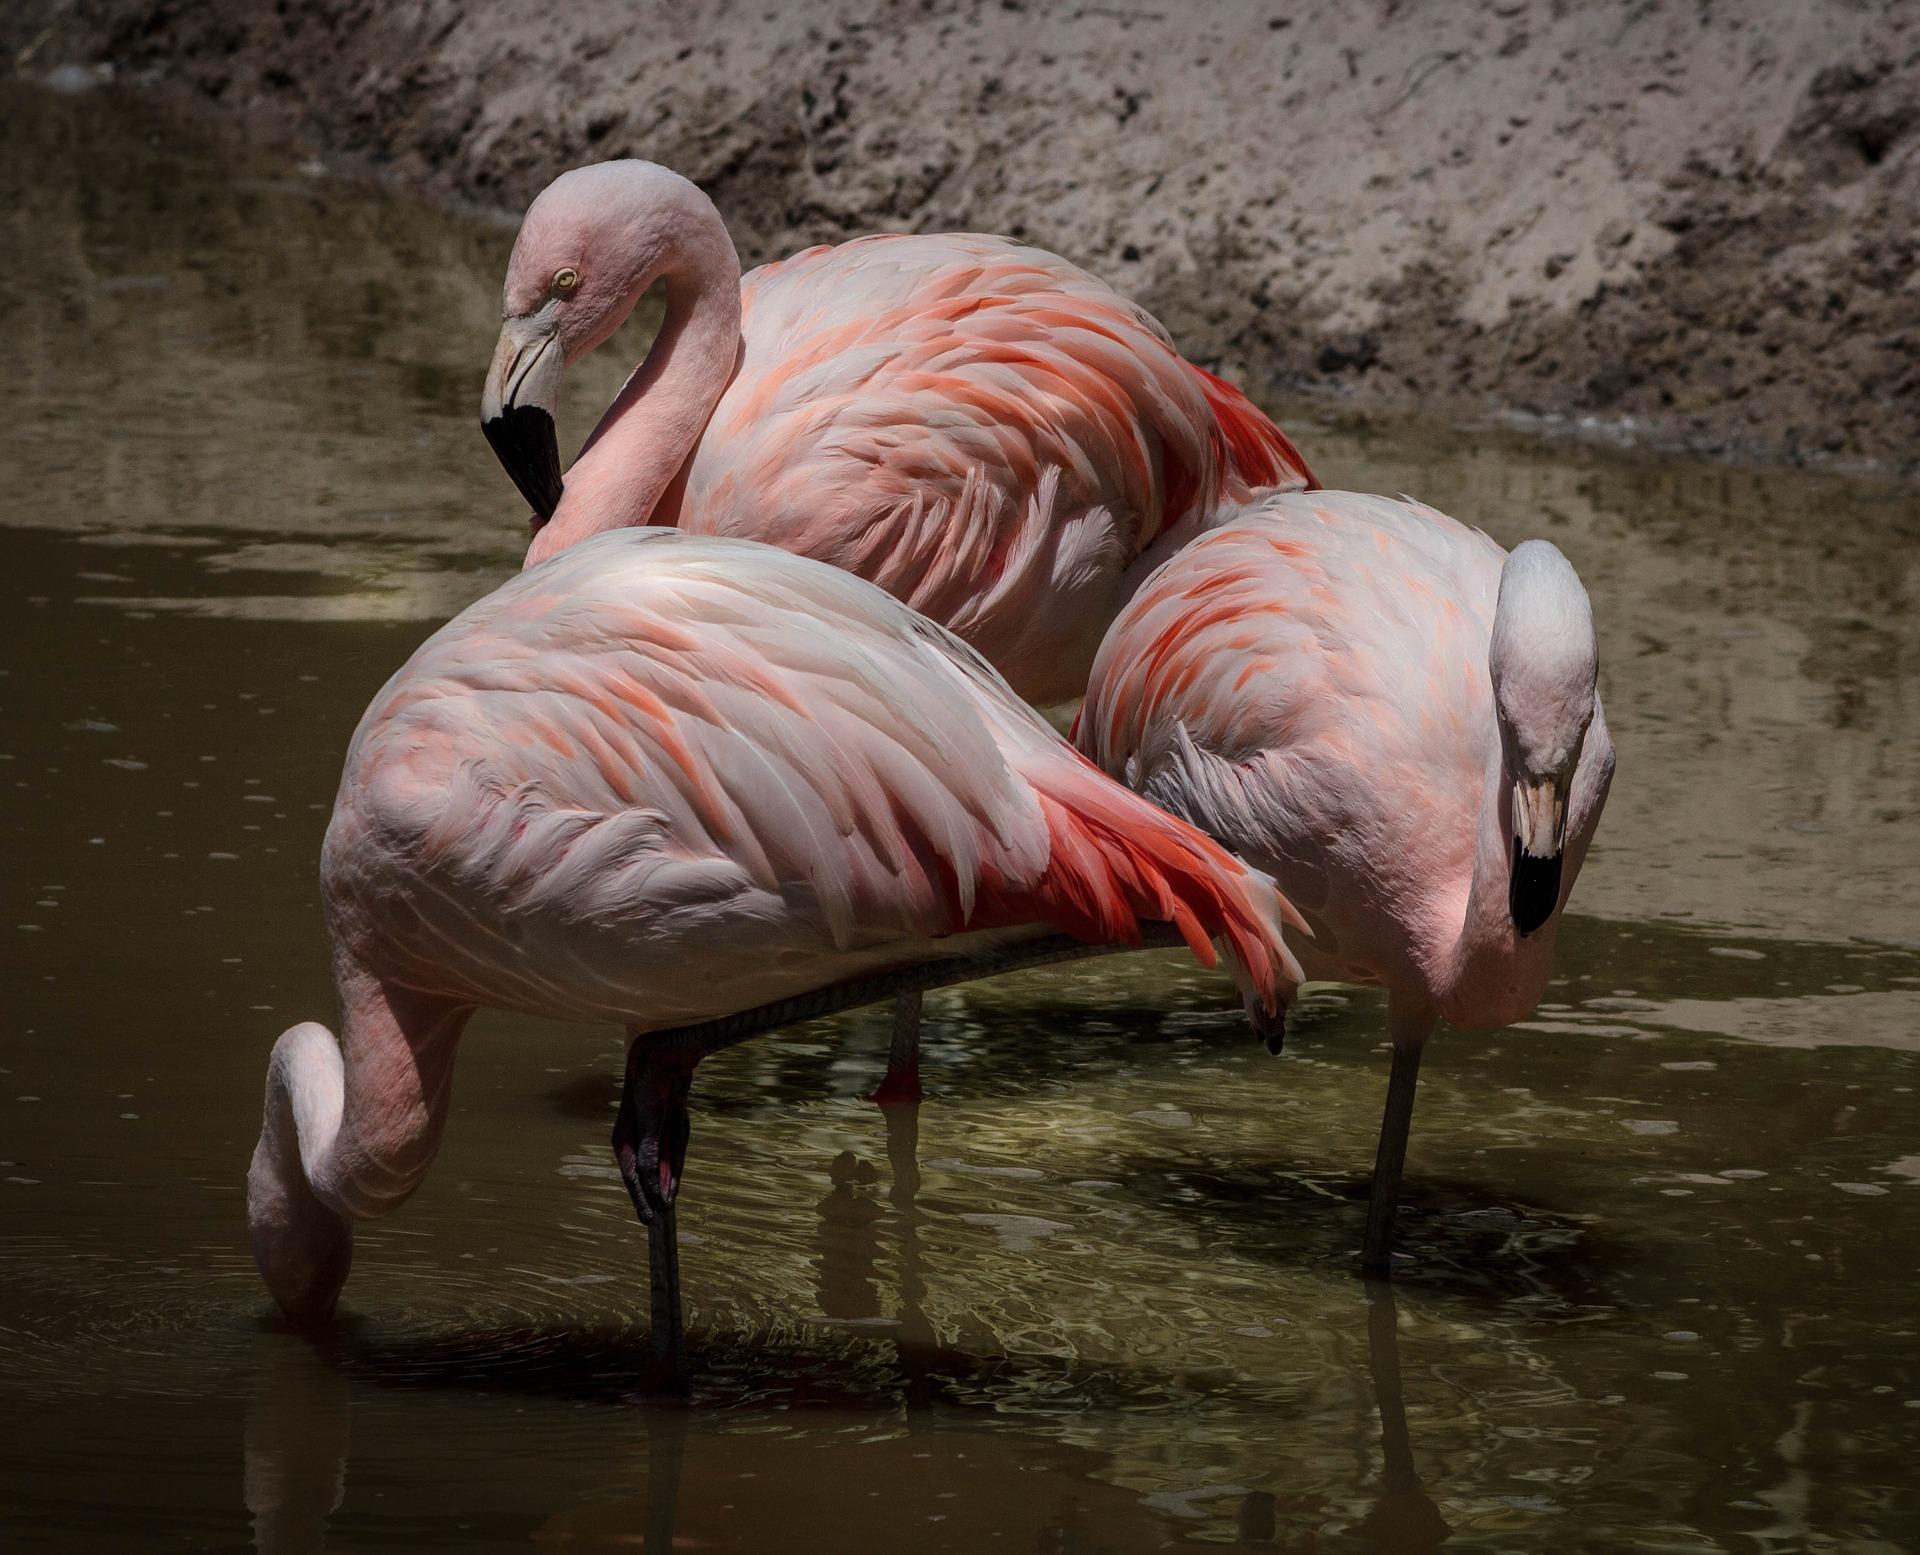 Фламинго, болота, Лагуна, воды, Роза - Обои HD - Профессор falken.com